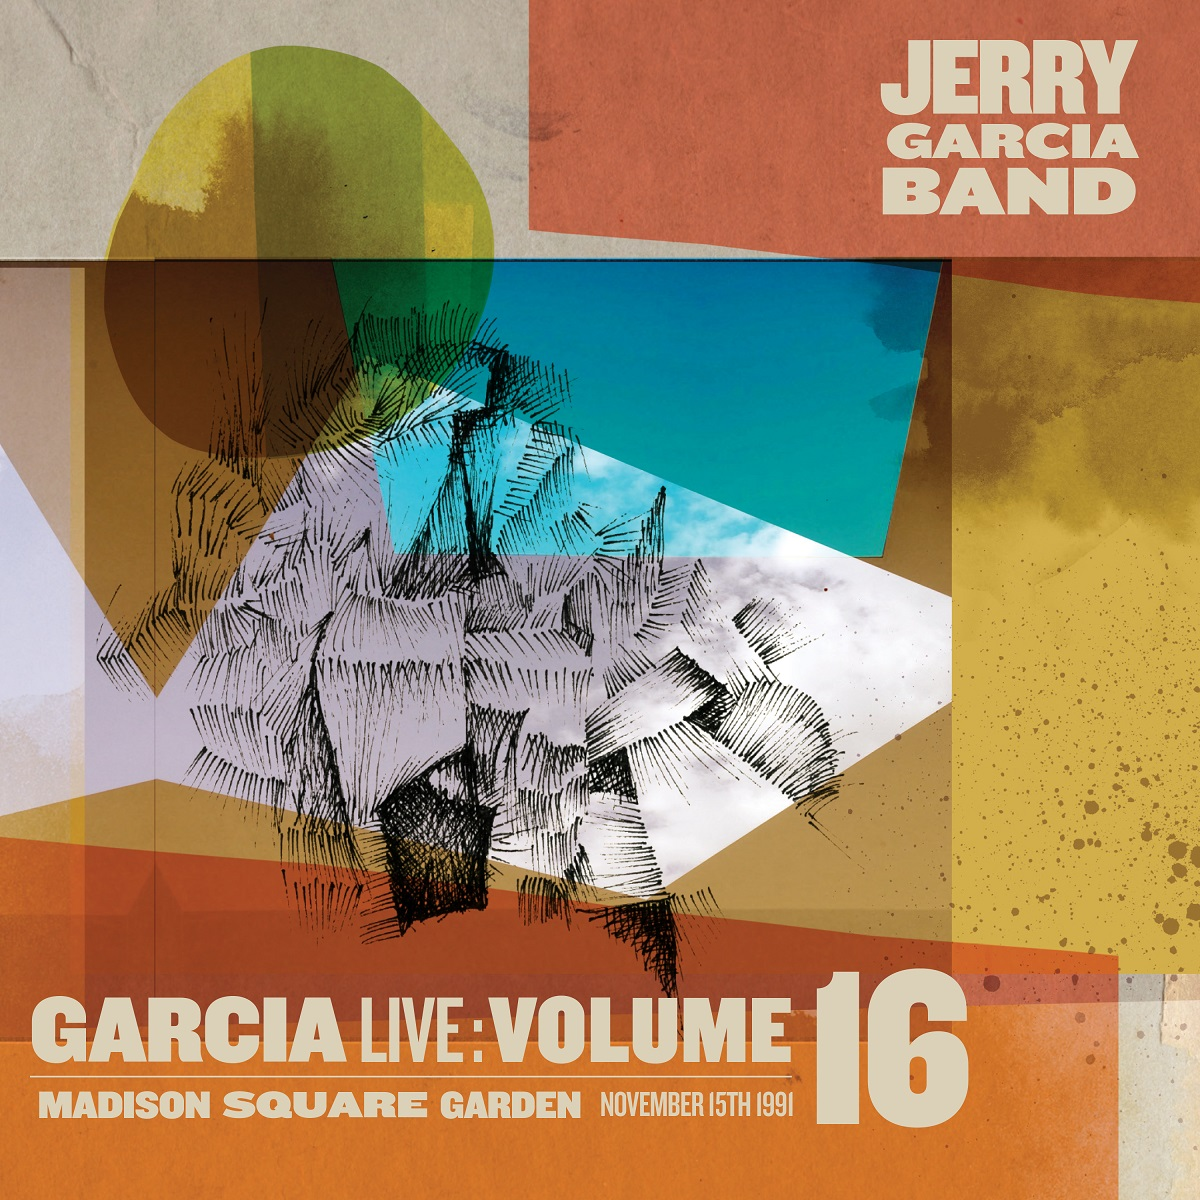 GarciaLive Volume 16: 11/15/91 3-CD Set or Digital Download, Poster, & Organic T-Shirt Bundle *SOLD OUT*